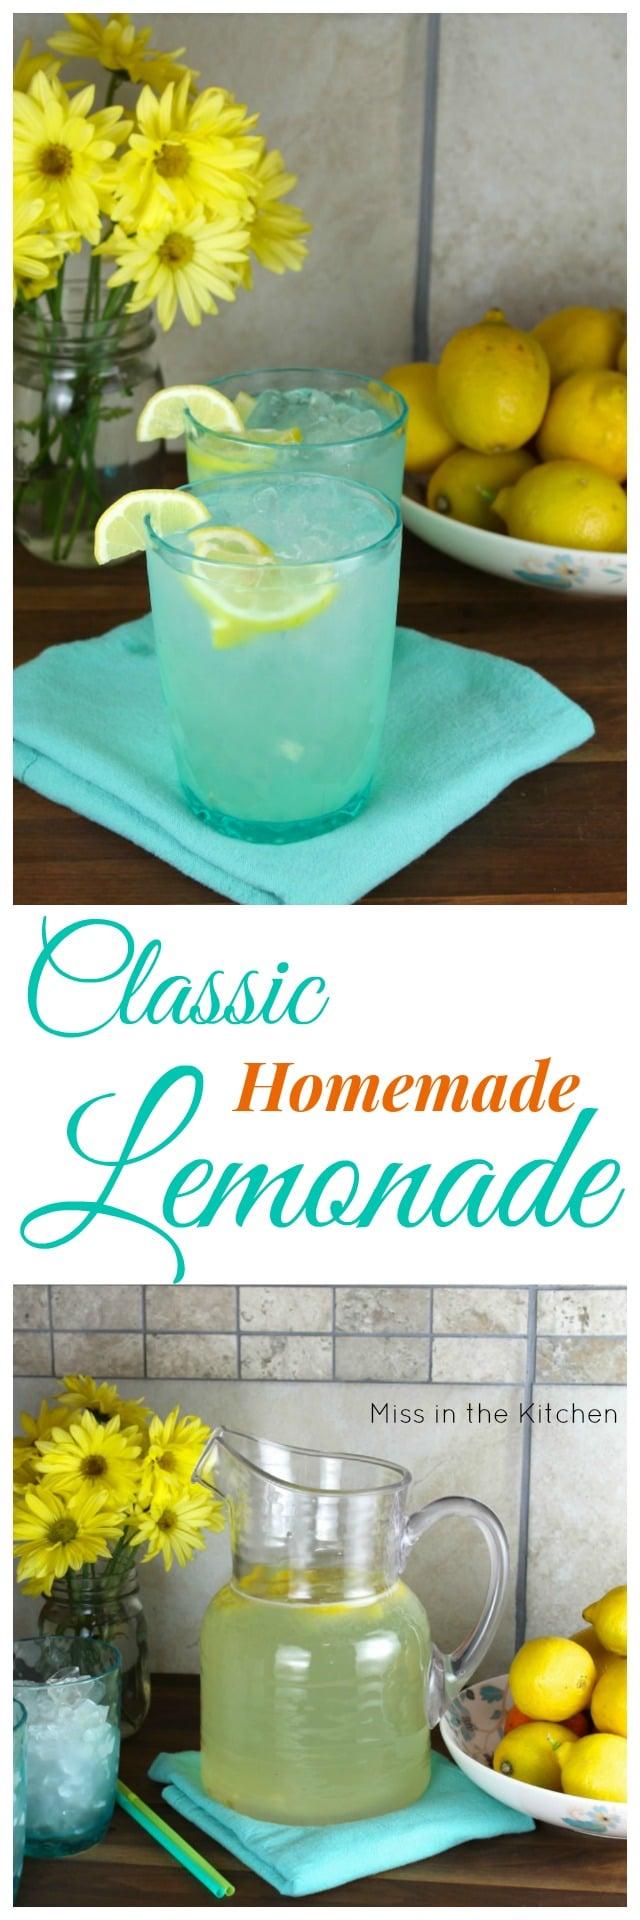 Recipe for Classic Homemade Lemonade with Wayfair #SpringInspiration #ad